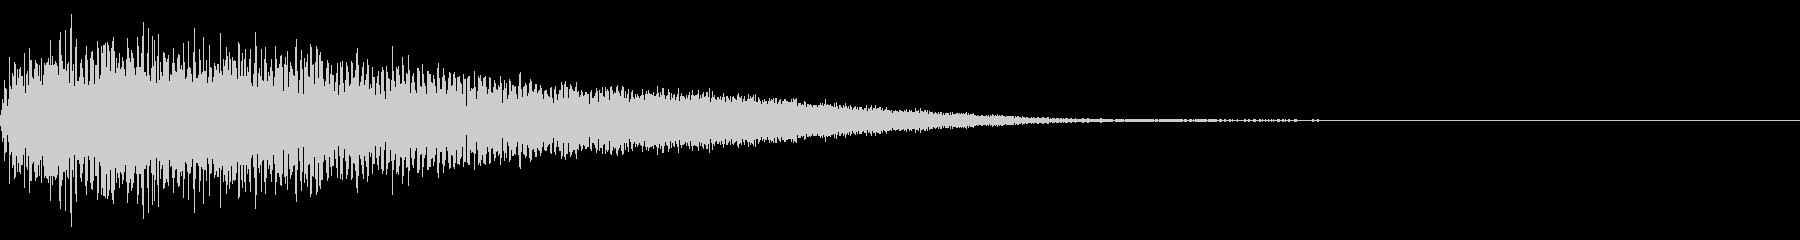 【ゴ〜ン!大晦日】除夜の鐘【日本伝統】3の未再生の波形